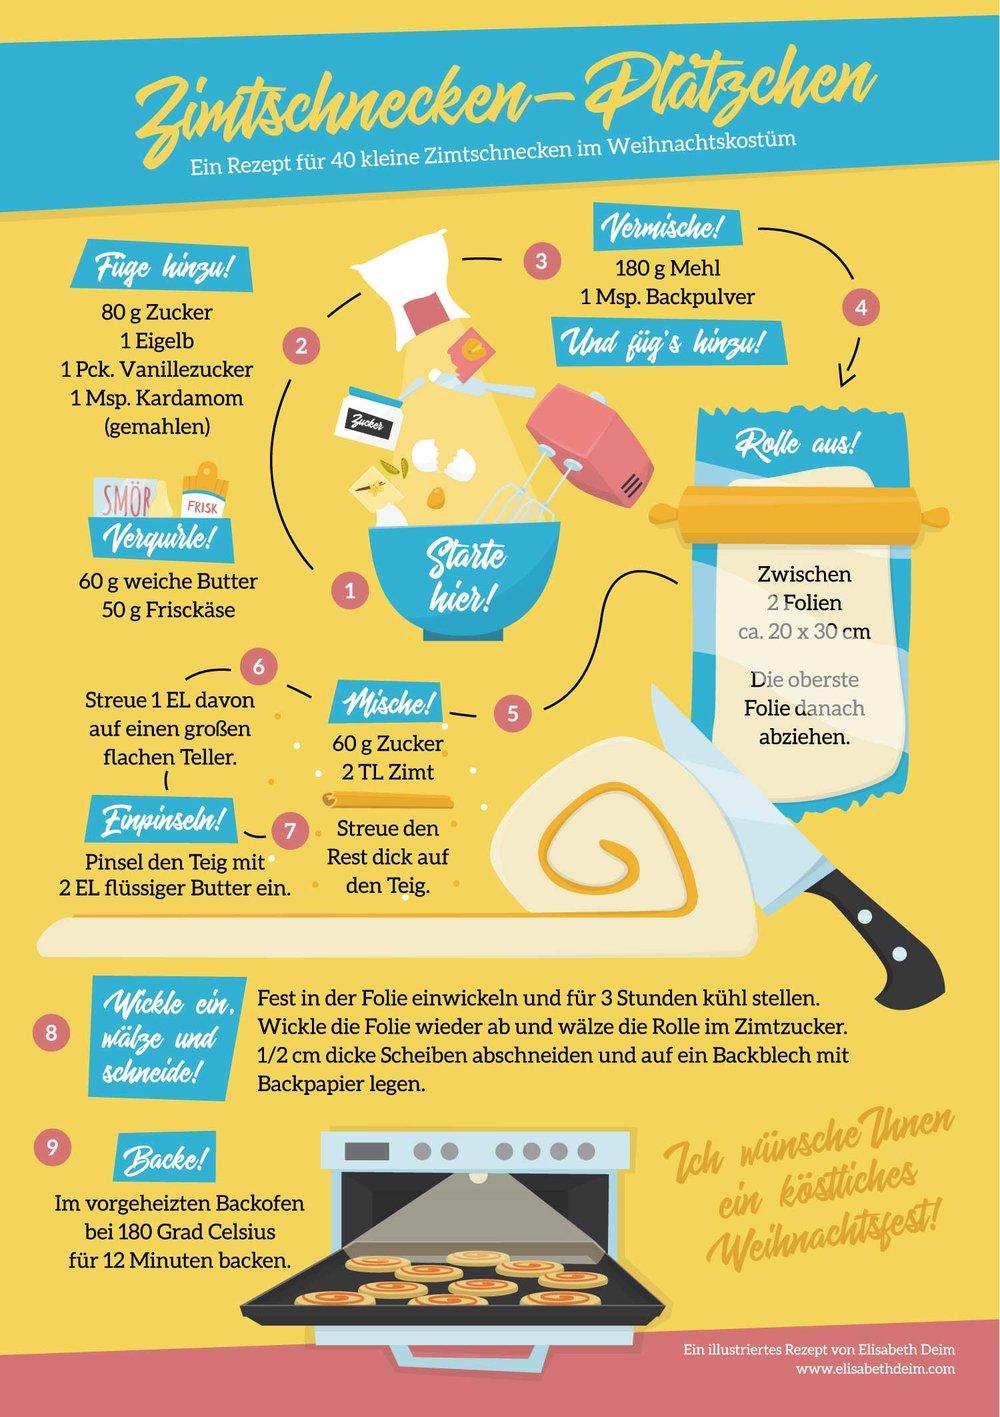 """Vorschau zur Infografik """"Zimtschneckenplätzchen"""" von Elisabeth Deim"""